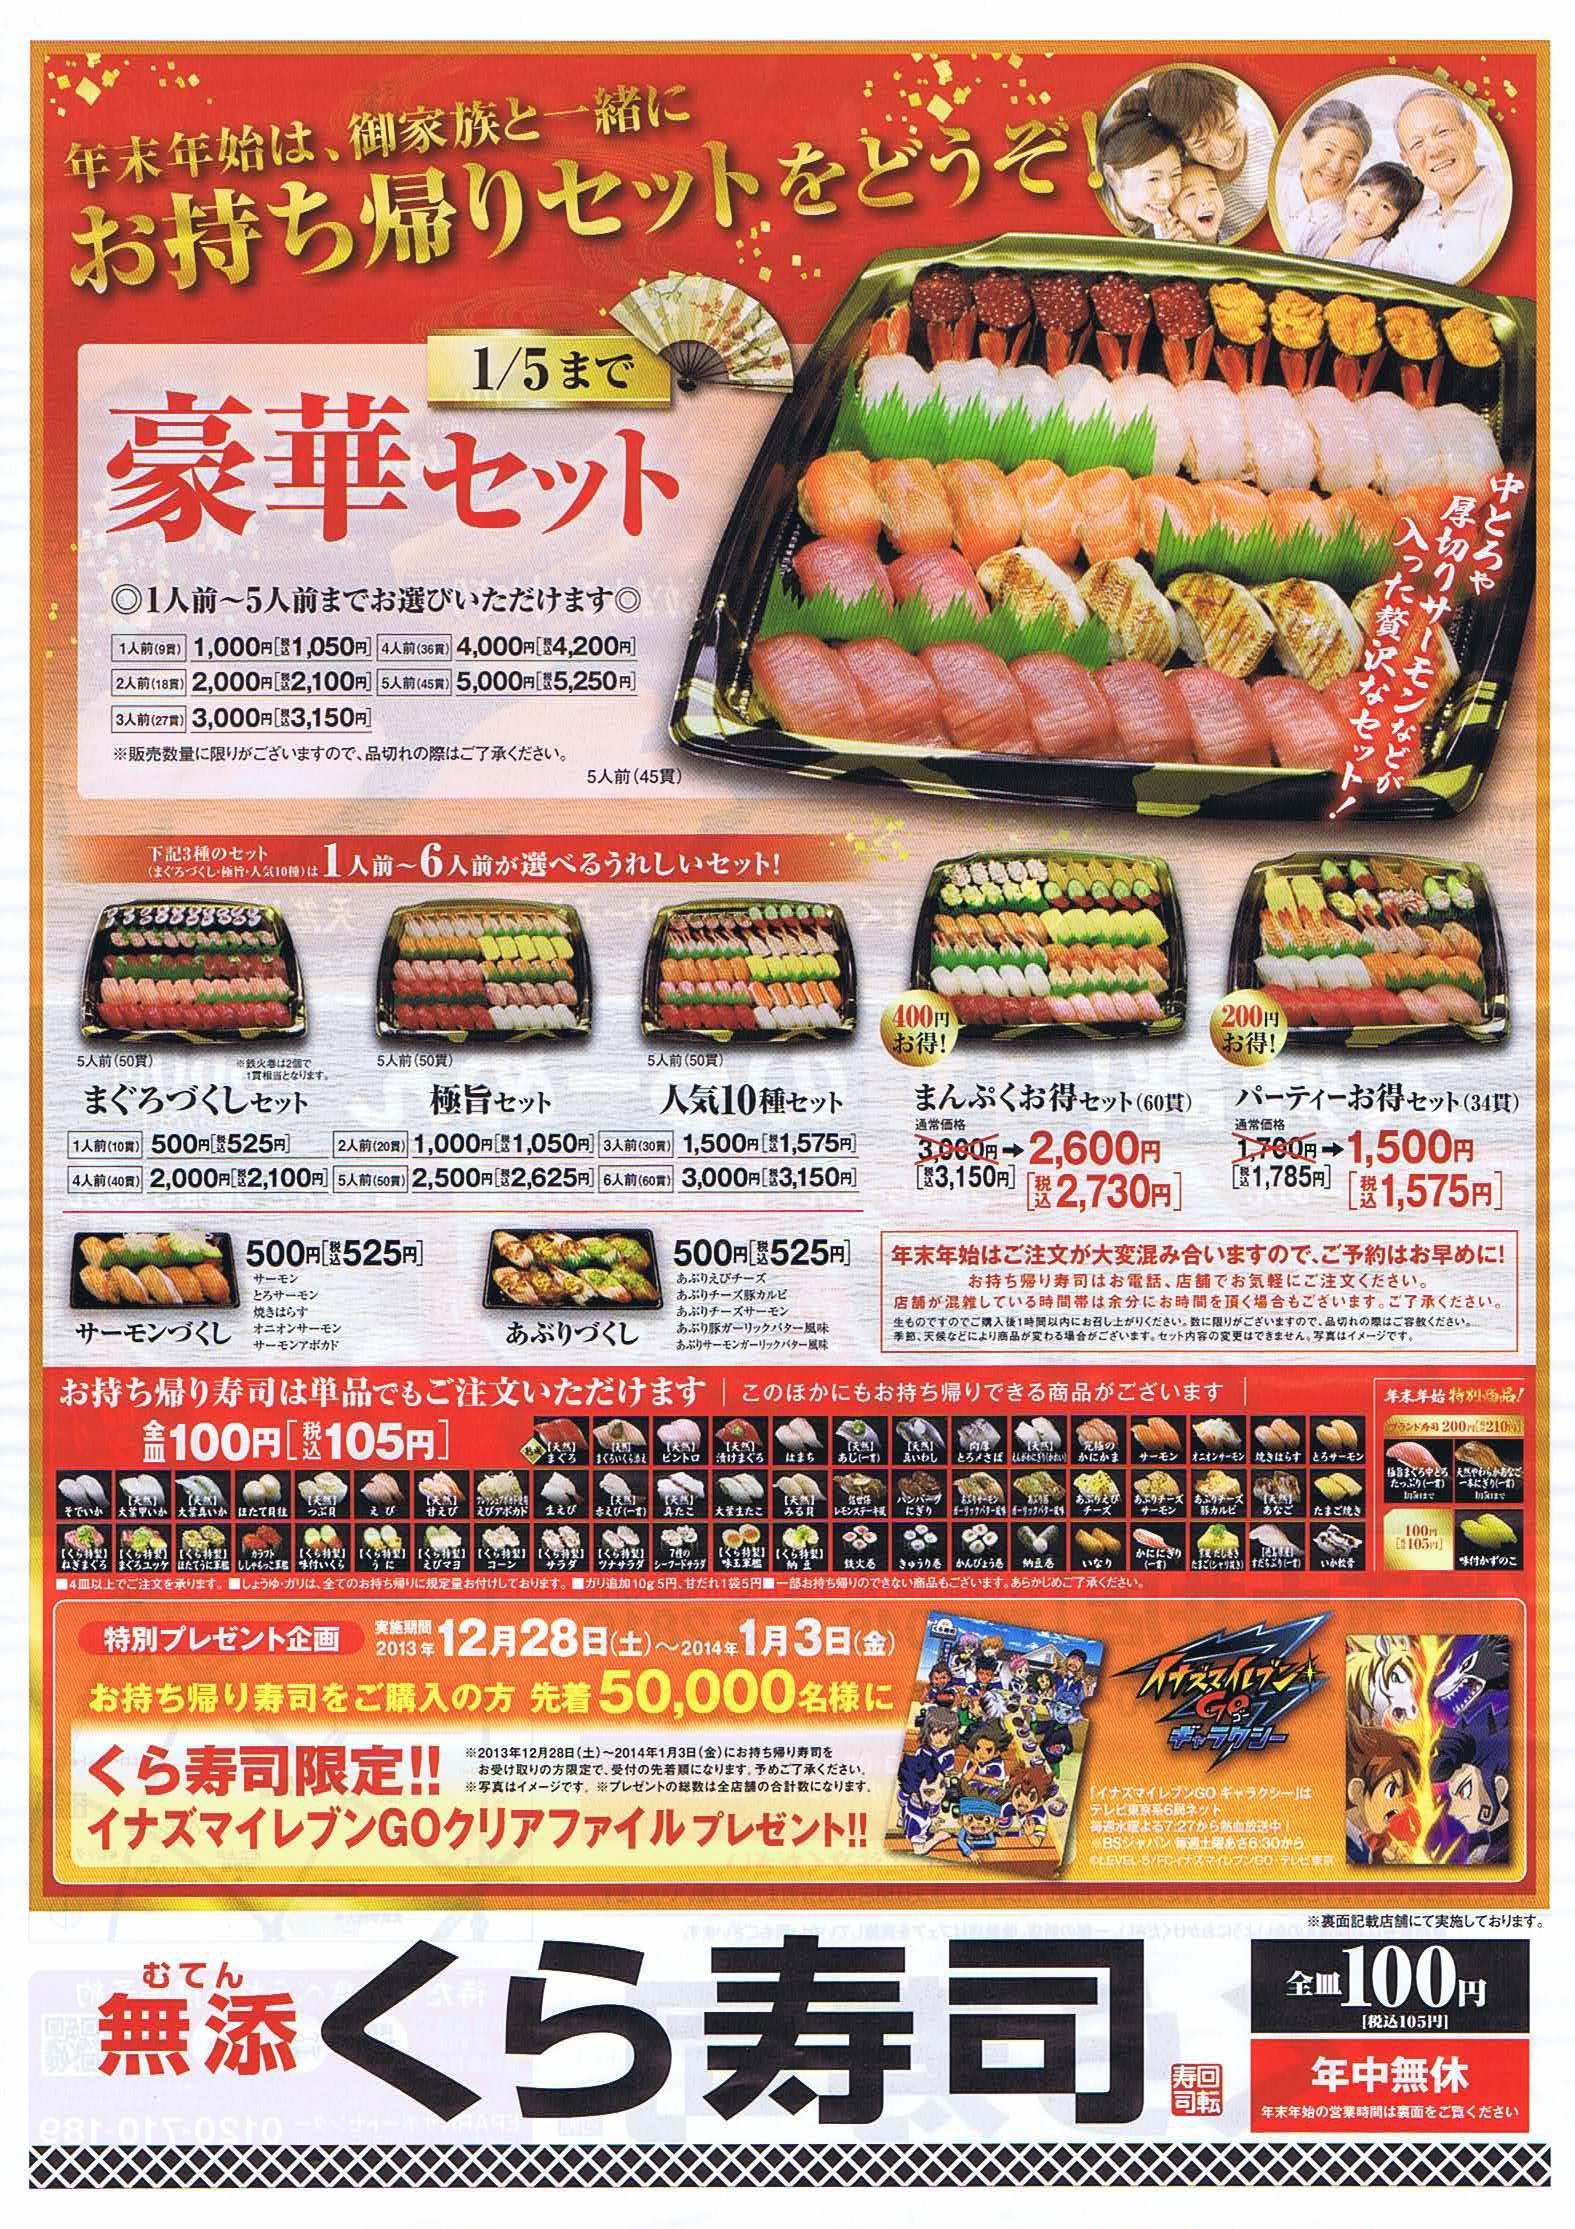 大 井町 くら 寿司